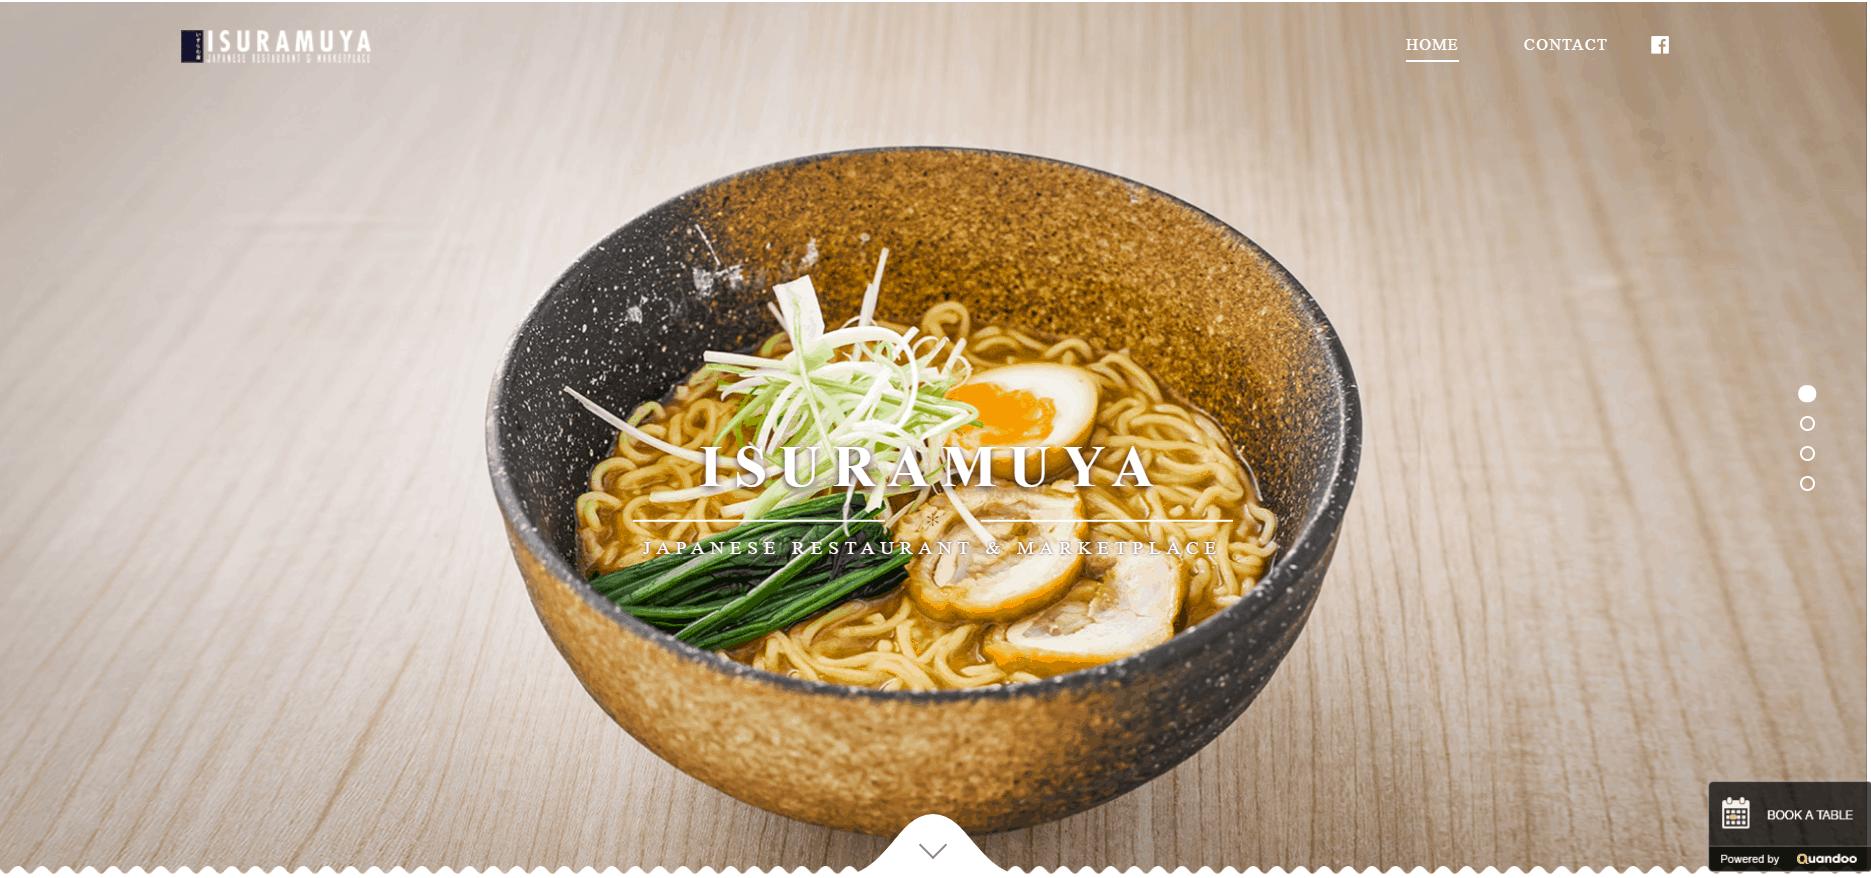 Isuramuya Japanese Restaurant & Marketplace menu,Where can I buy Japanese snacks in Singapore?,isuramuya review